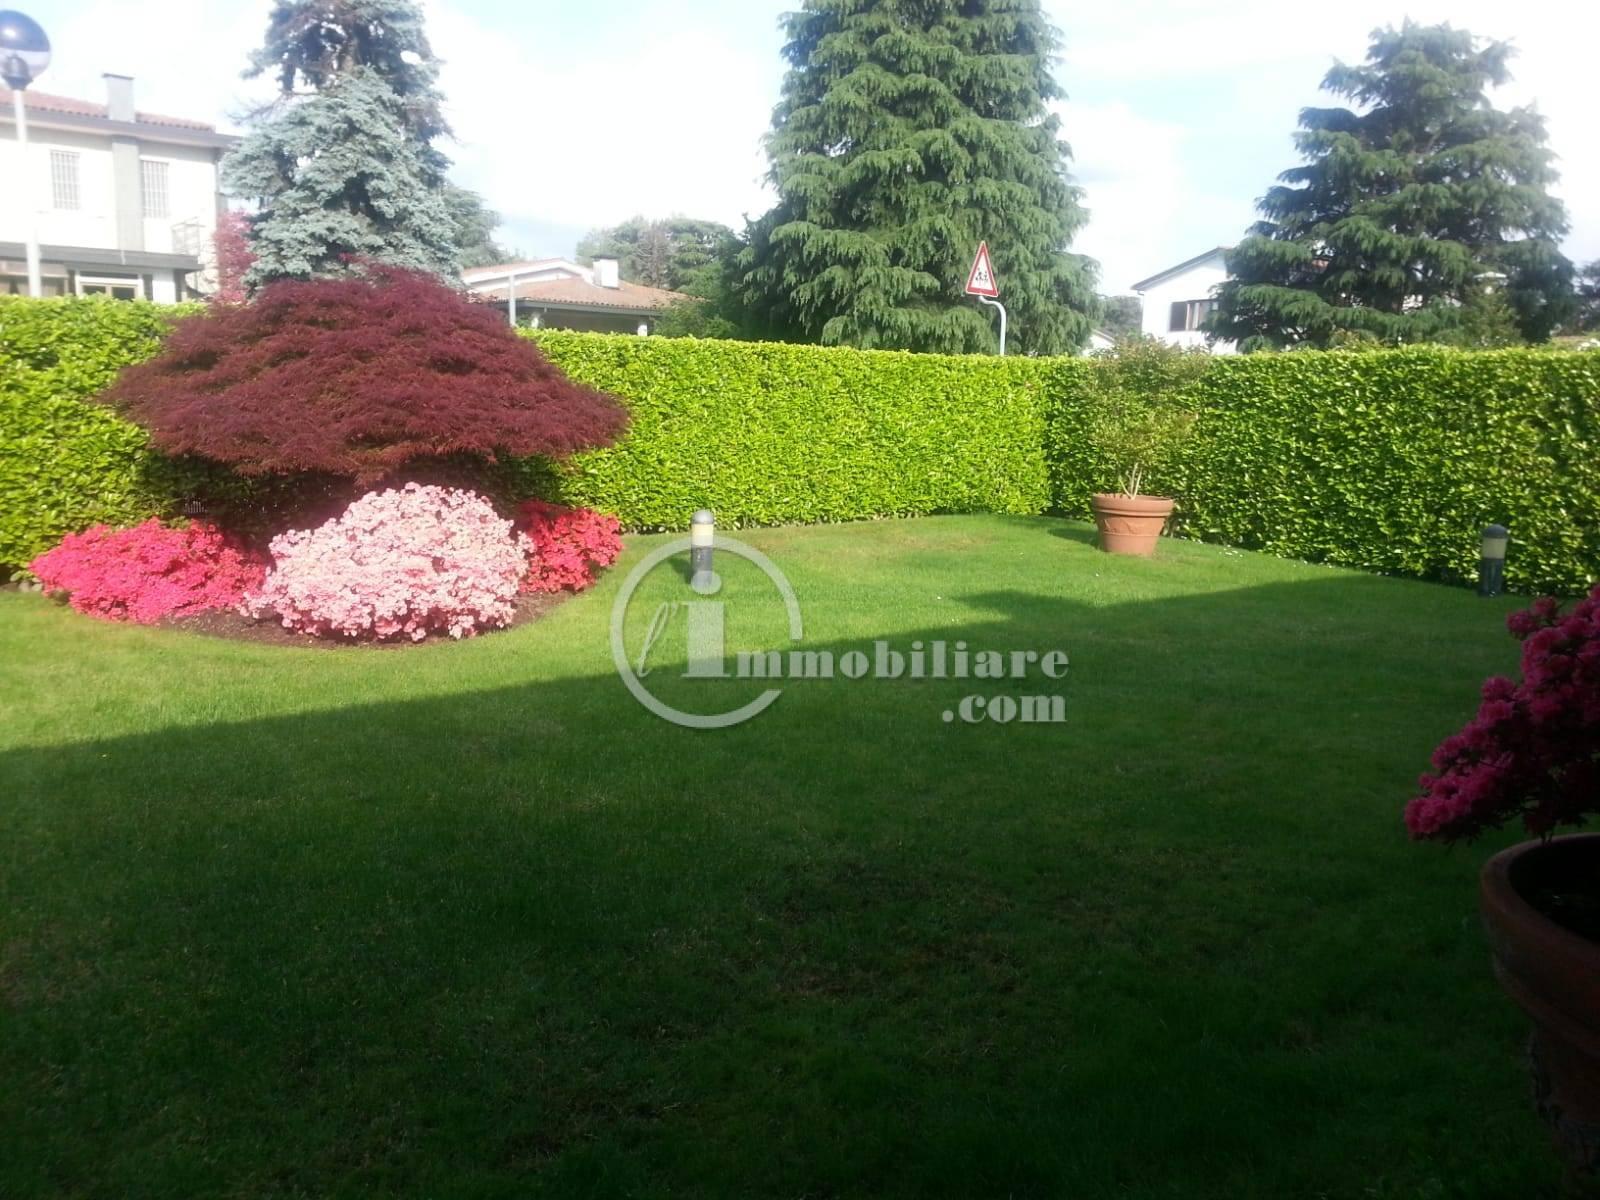 Villa in Vendita a Trezzano Sul Naviglio: 5 locali, 280 mq - Foto 13